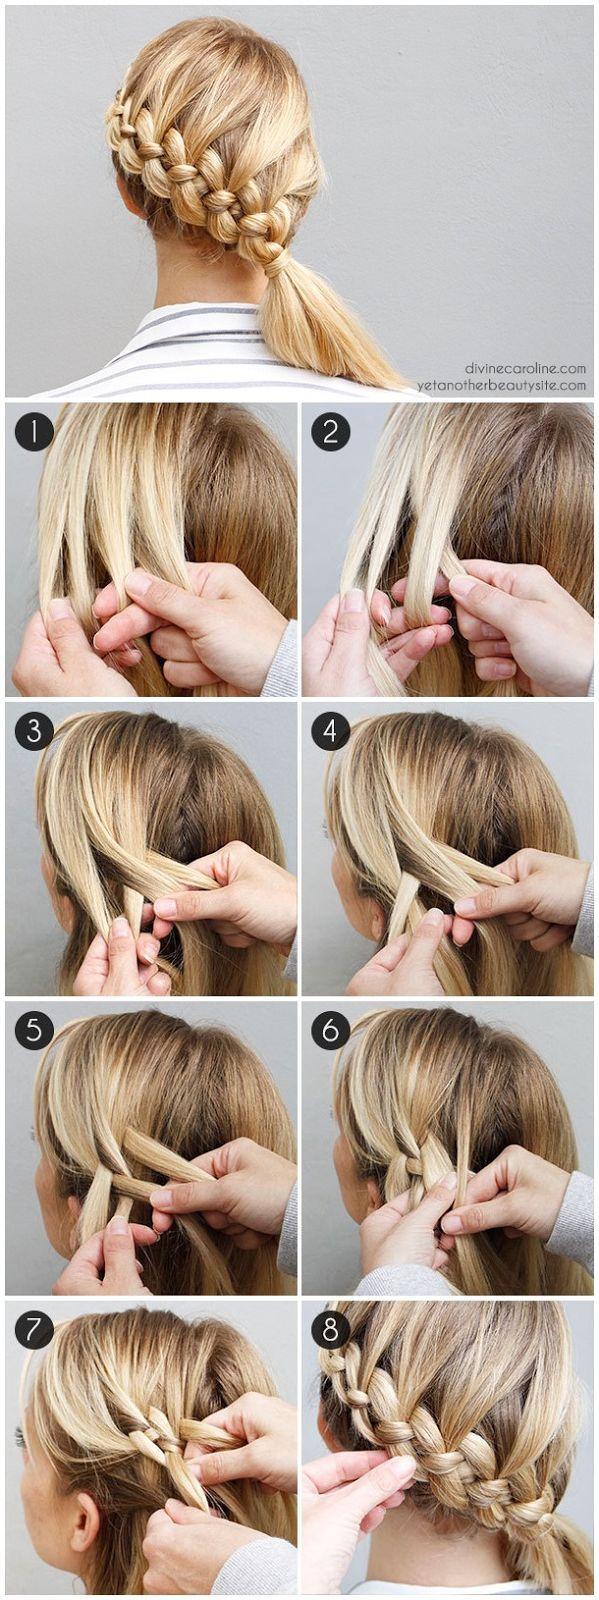 best images about geflochtenes haar on pinterest hair